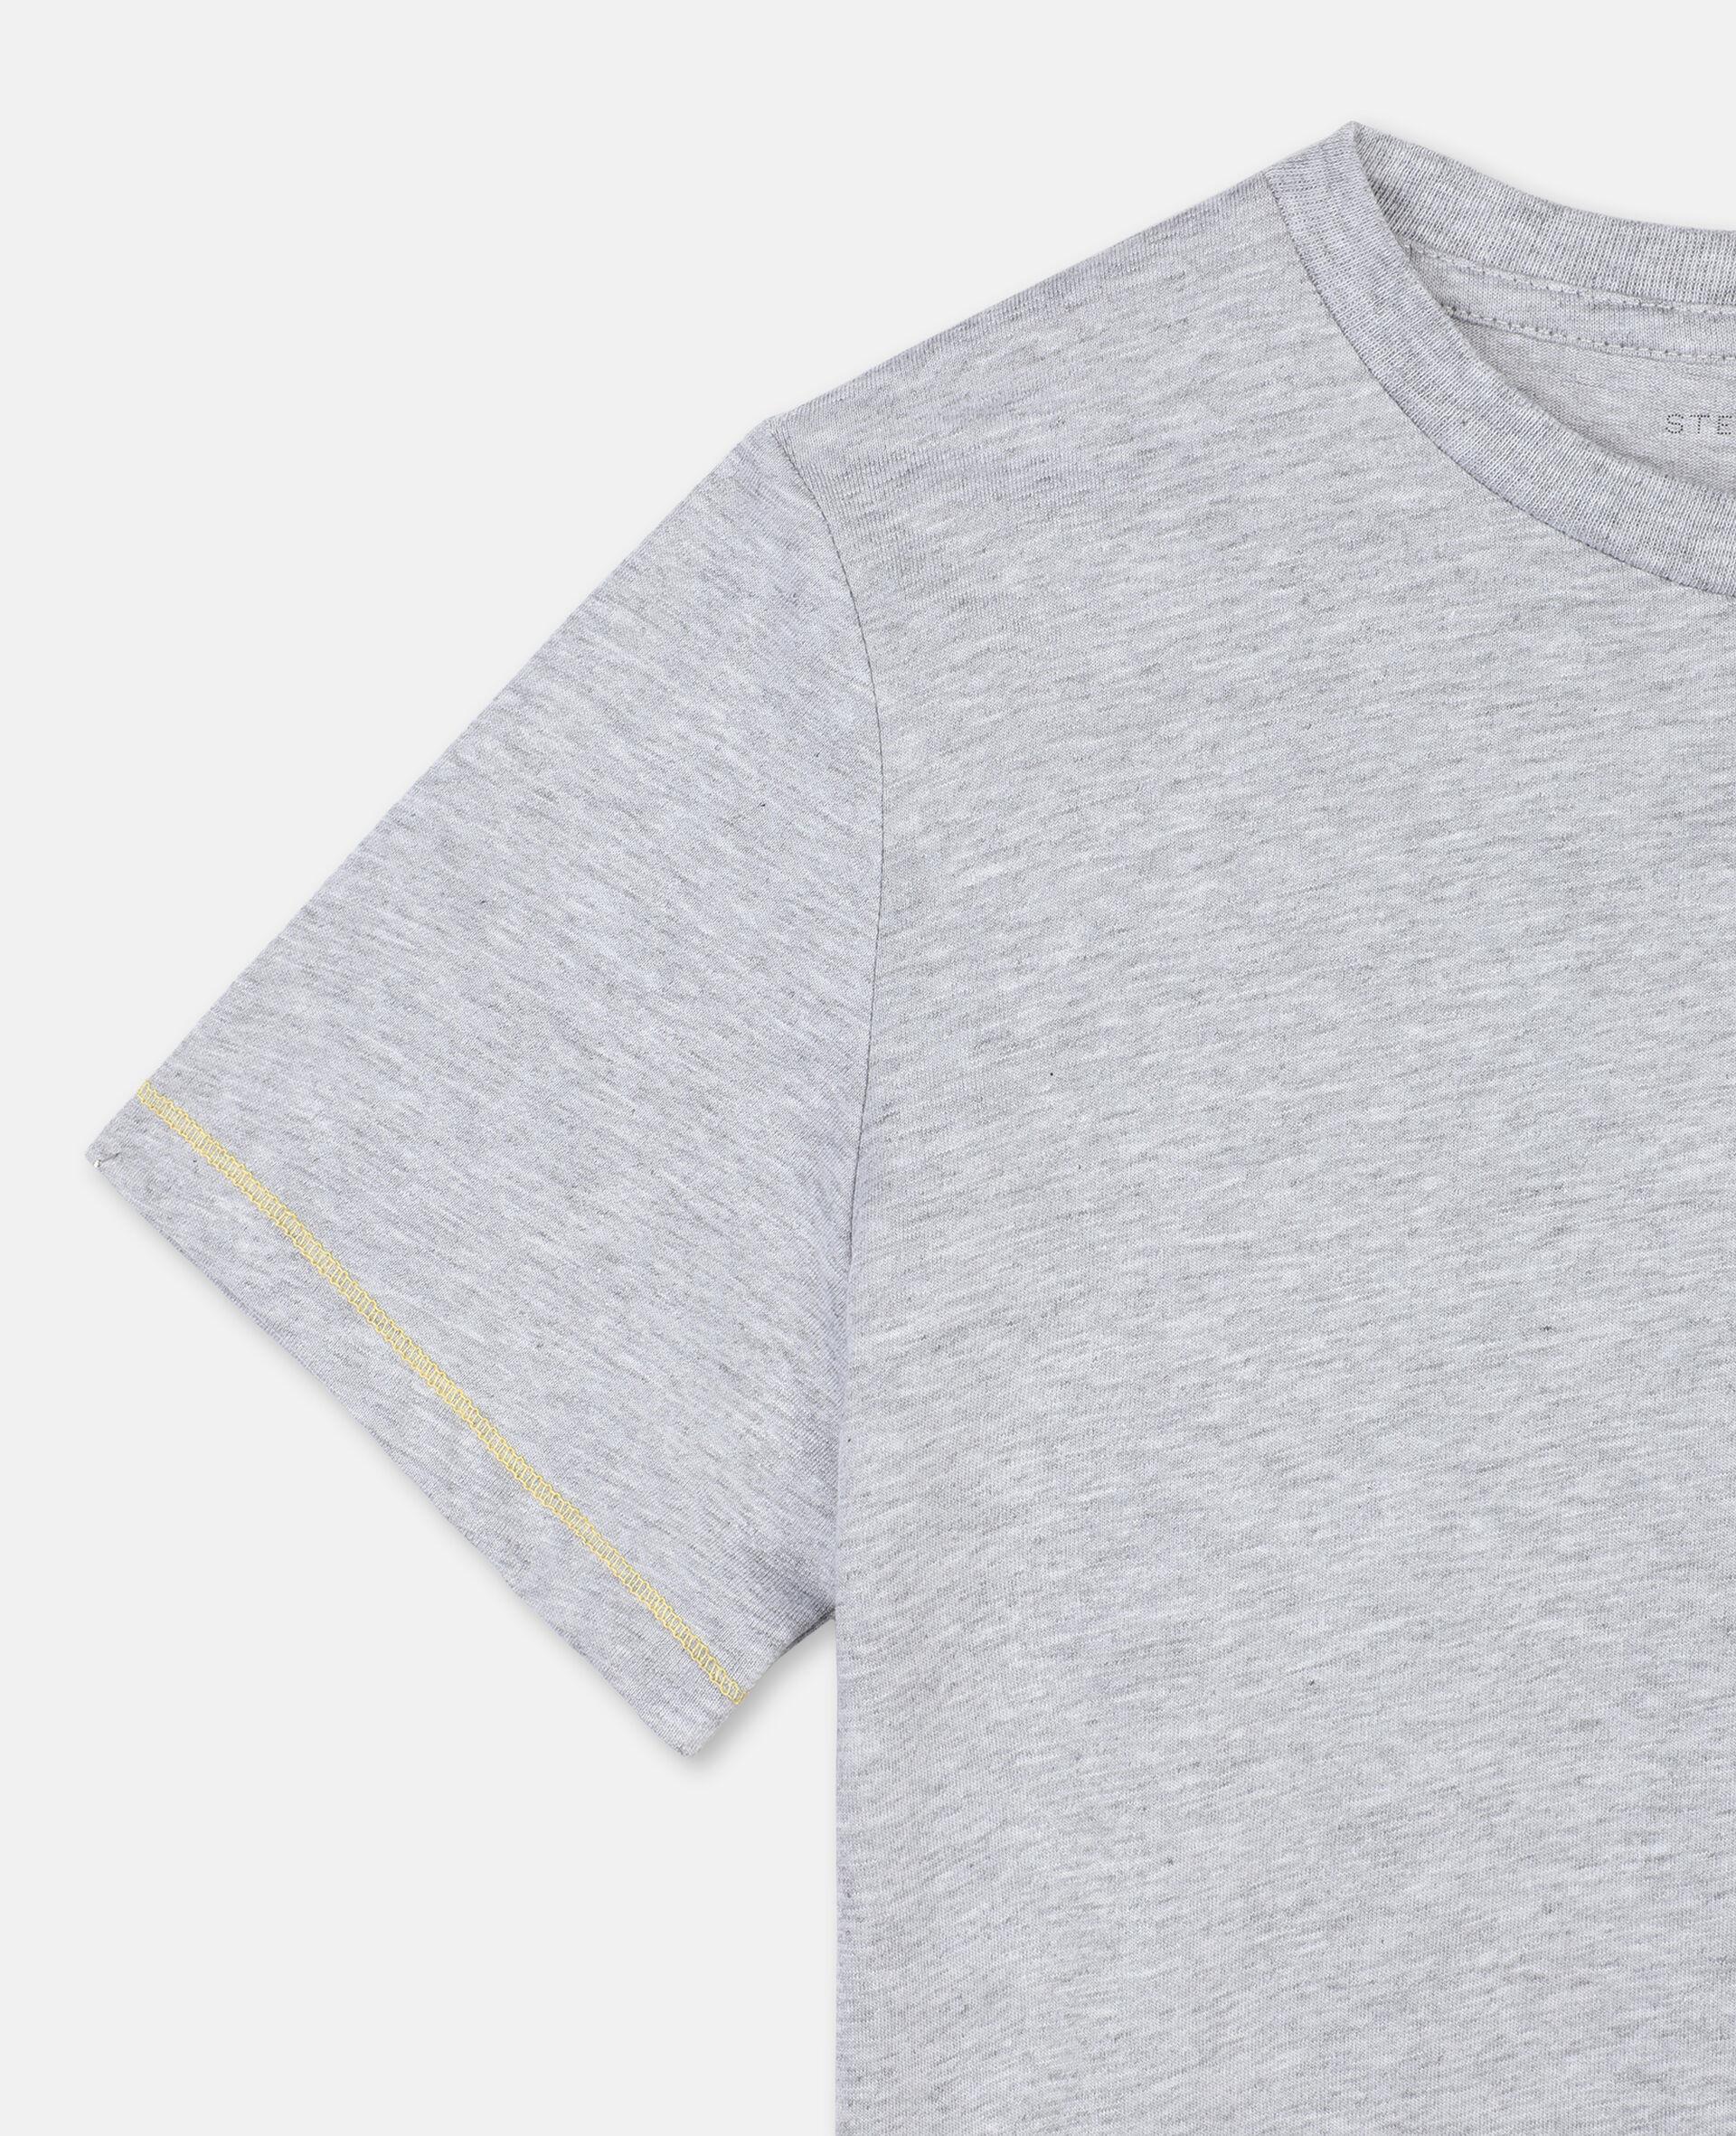 Cheetah Cotton T-shirt-Grey-large image number 2